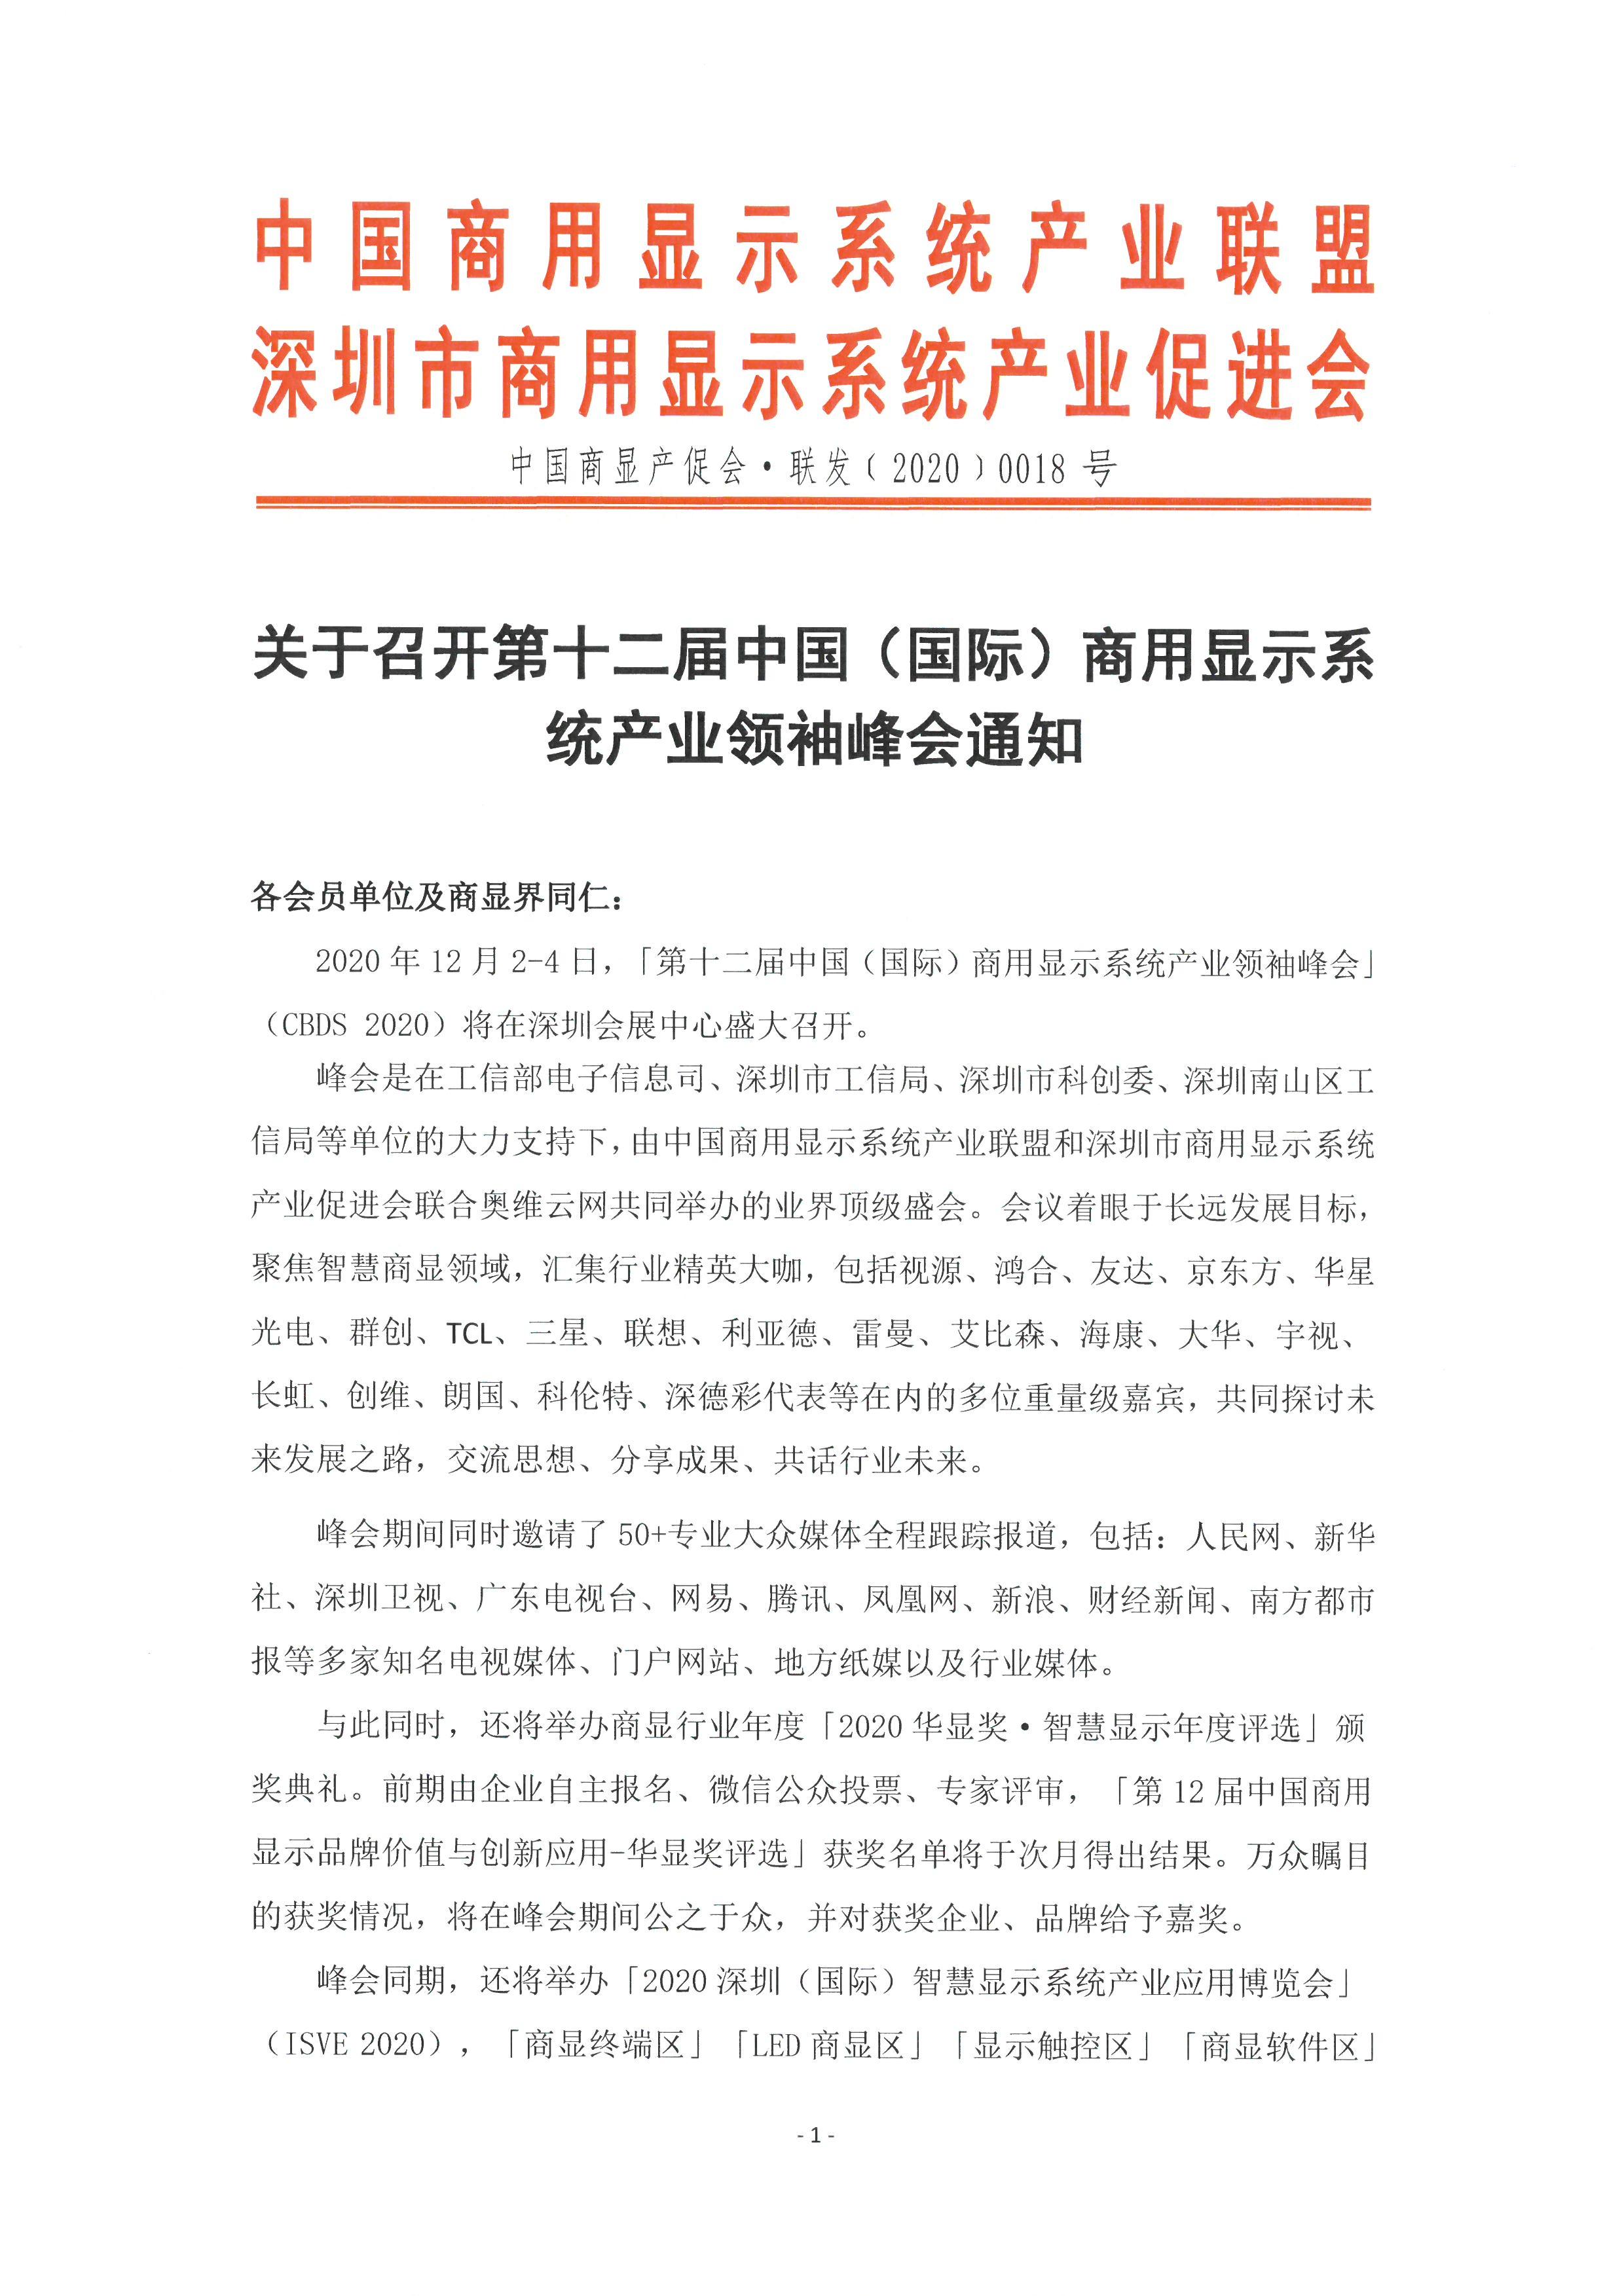 协会通知 | 关于召开第十二届中国(国